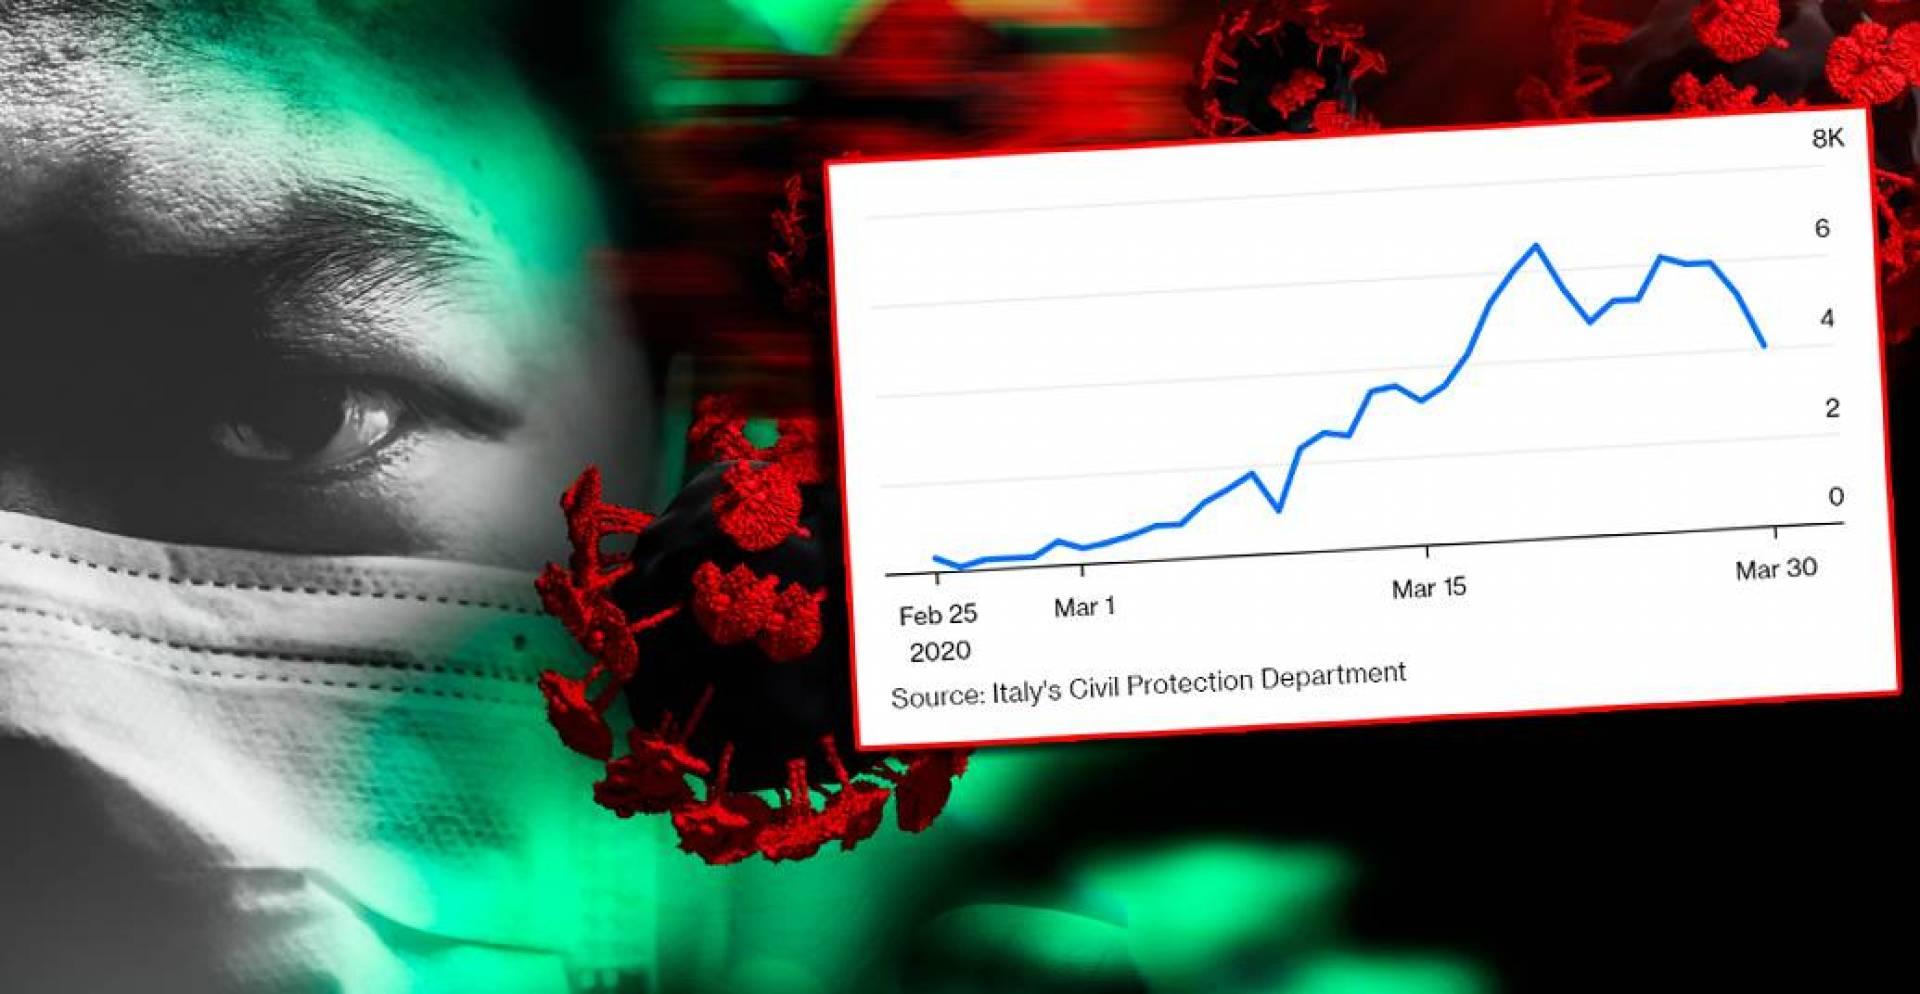 «بلومبرغ» : انتشار فيروس كورونا في إيطاليا.. بدأ يتراجع